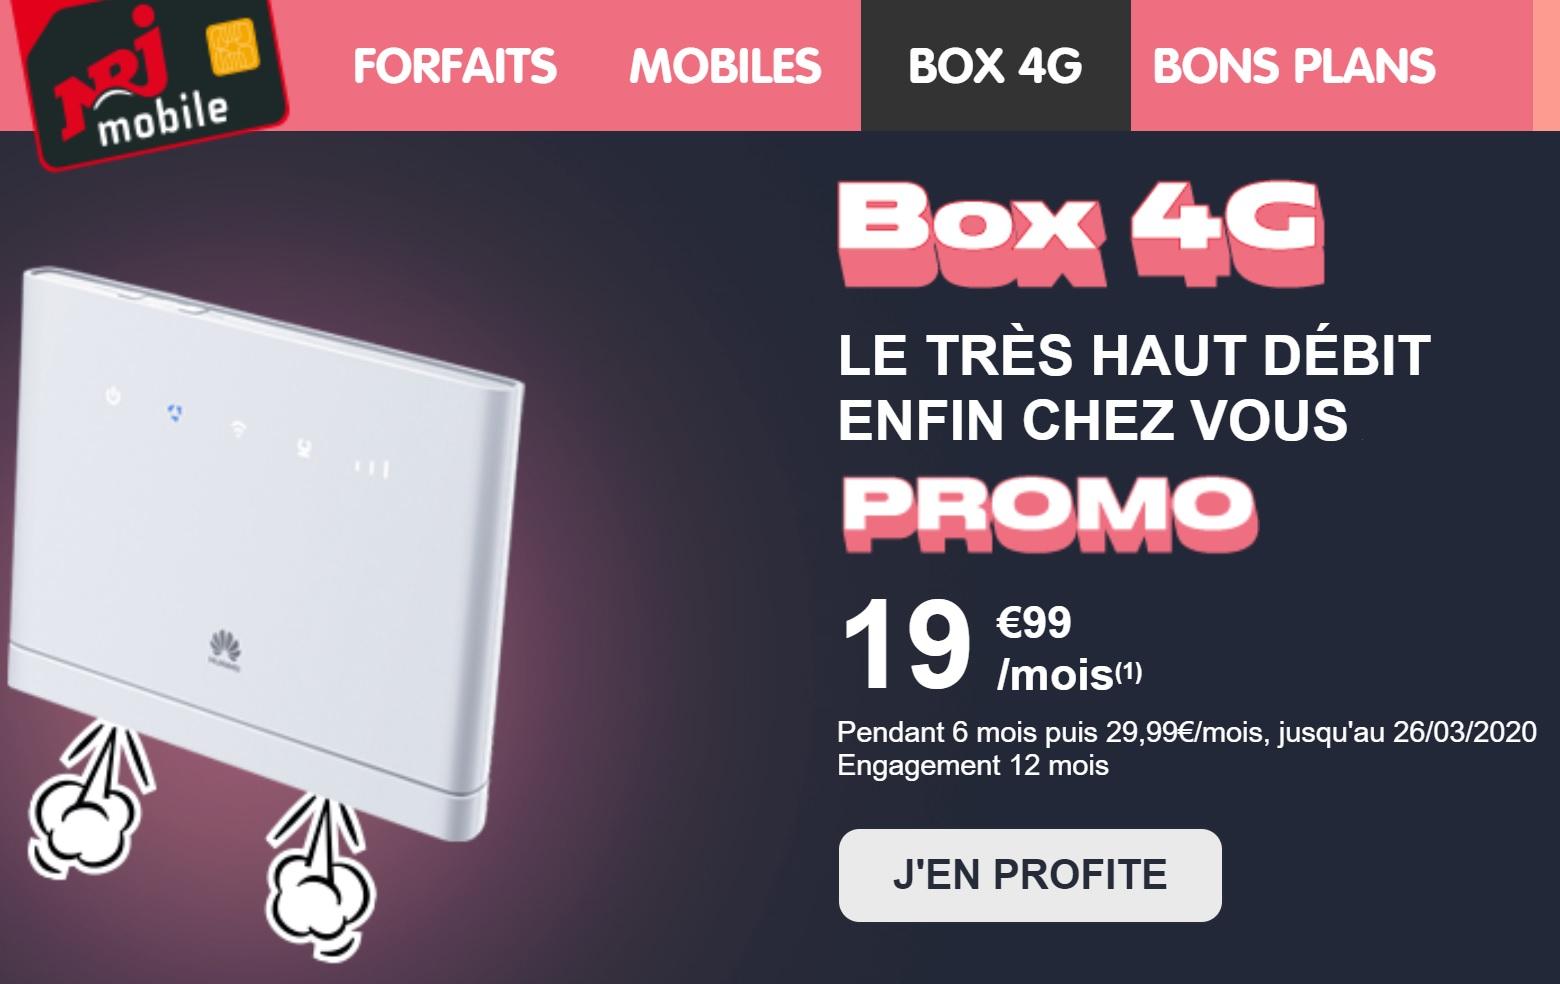 Promo box 4G à 20 euros pour 250 Go : ne ramez plus sur Internet !